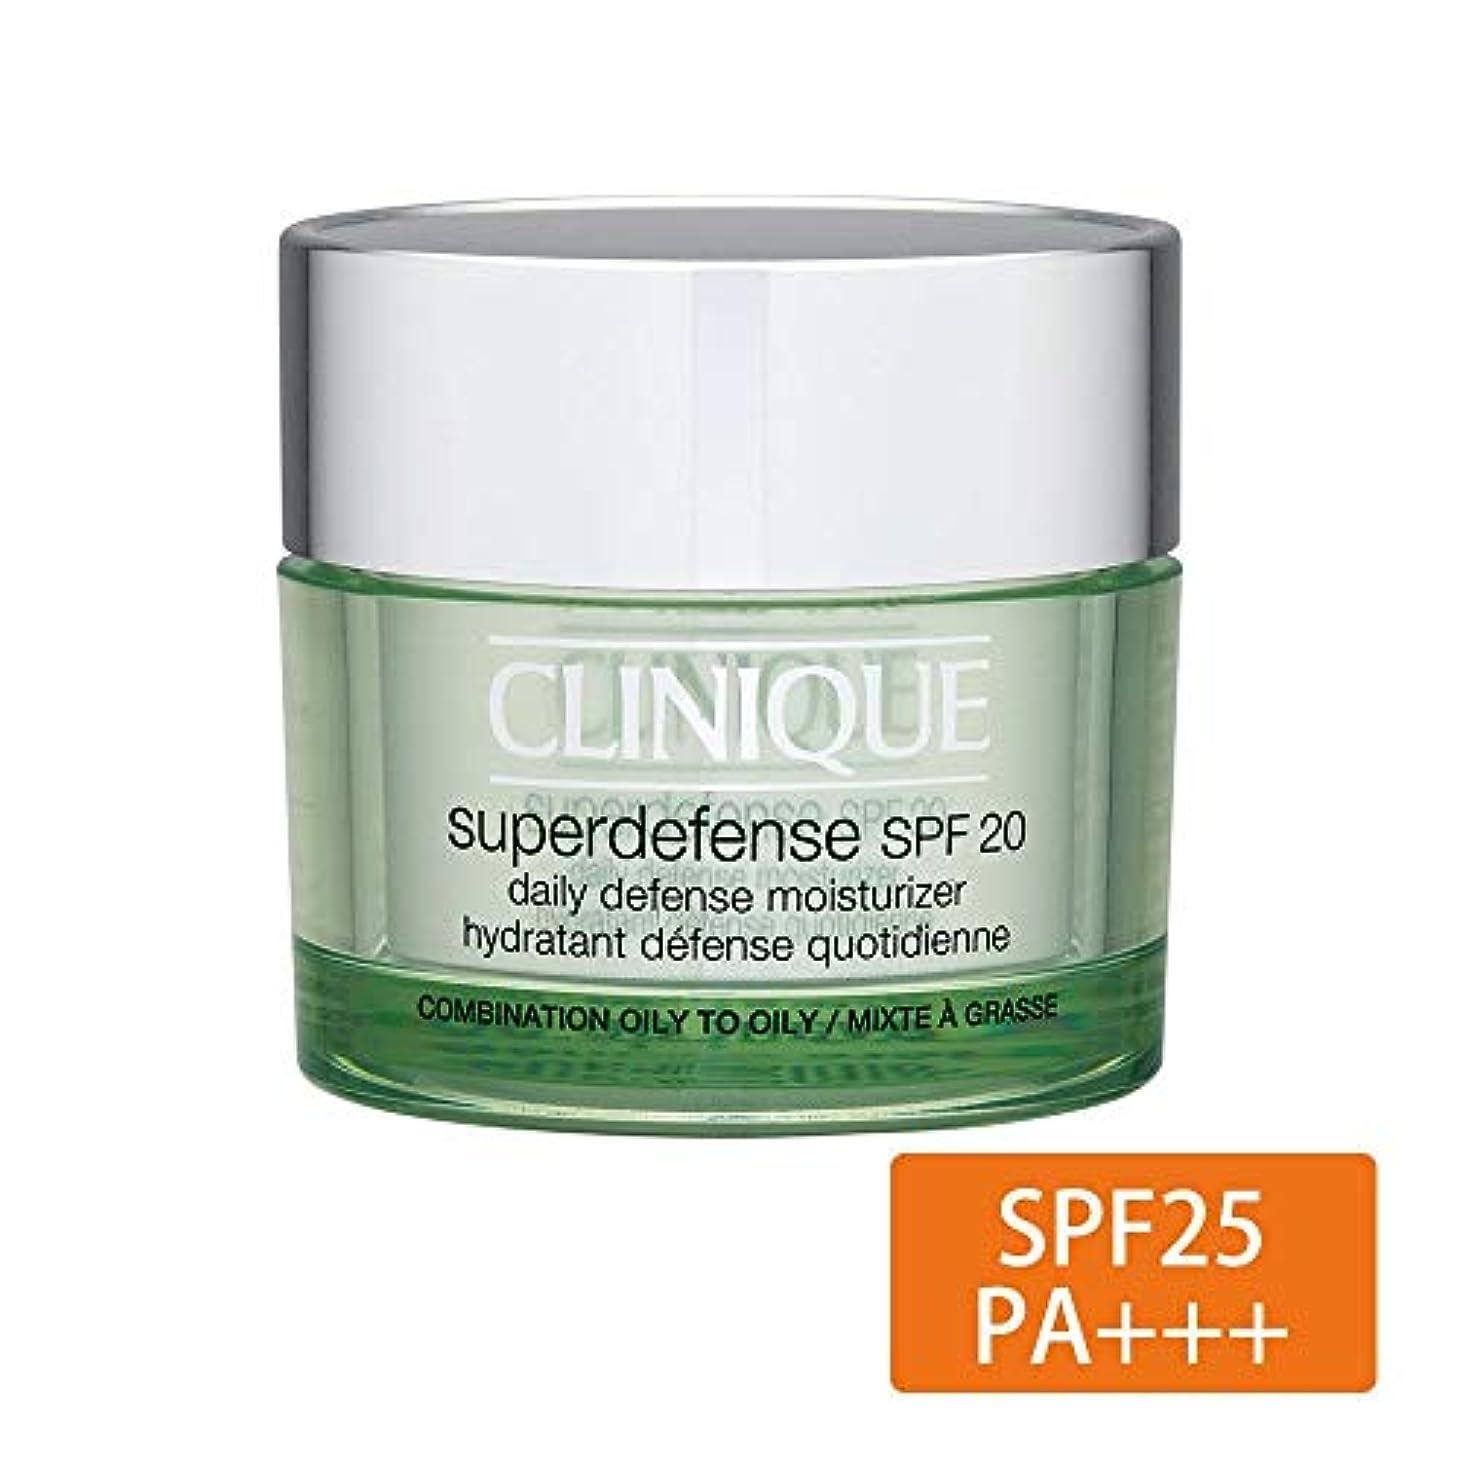 消毒剤ポータブルエンゲージメントクリニーク(Clinique) SP ディフェンス モイスチャライザー 25 (CO/O スキンタイプ3?4) <ビッグサイズ> 50ml [並行輸入品]